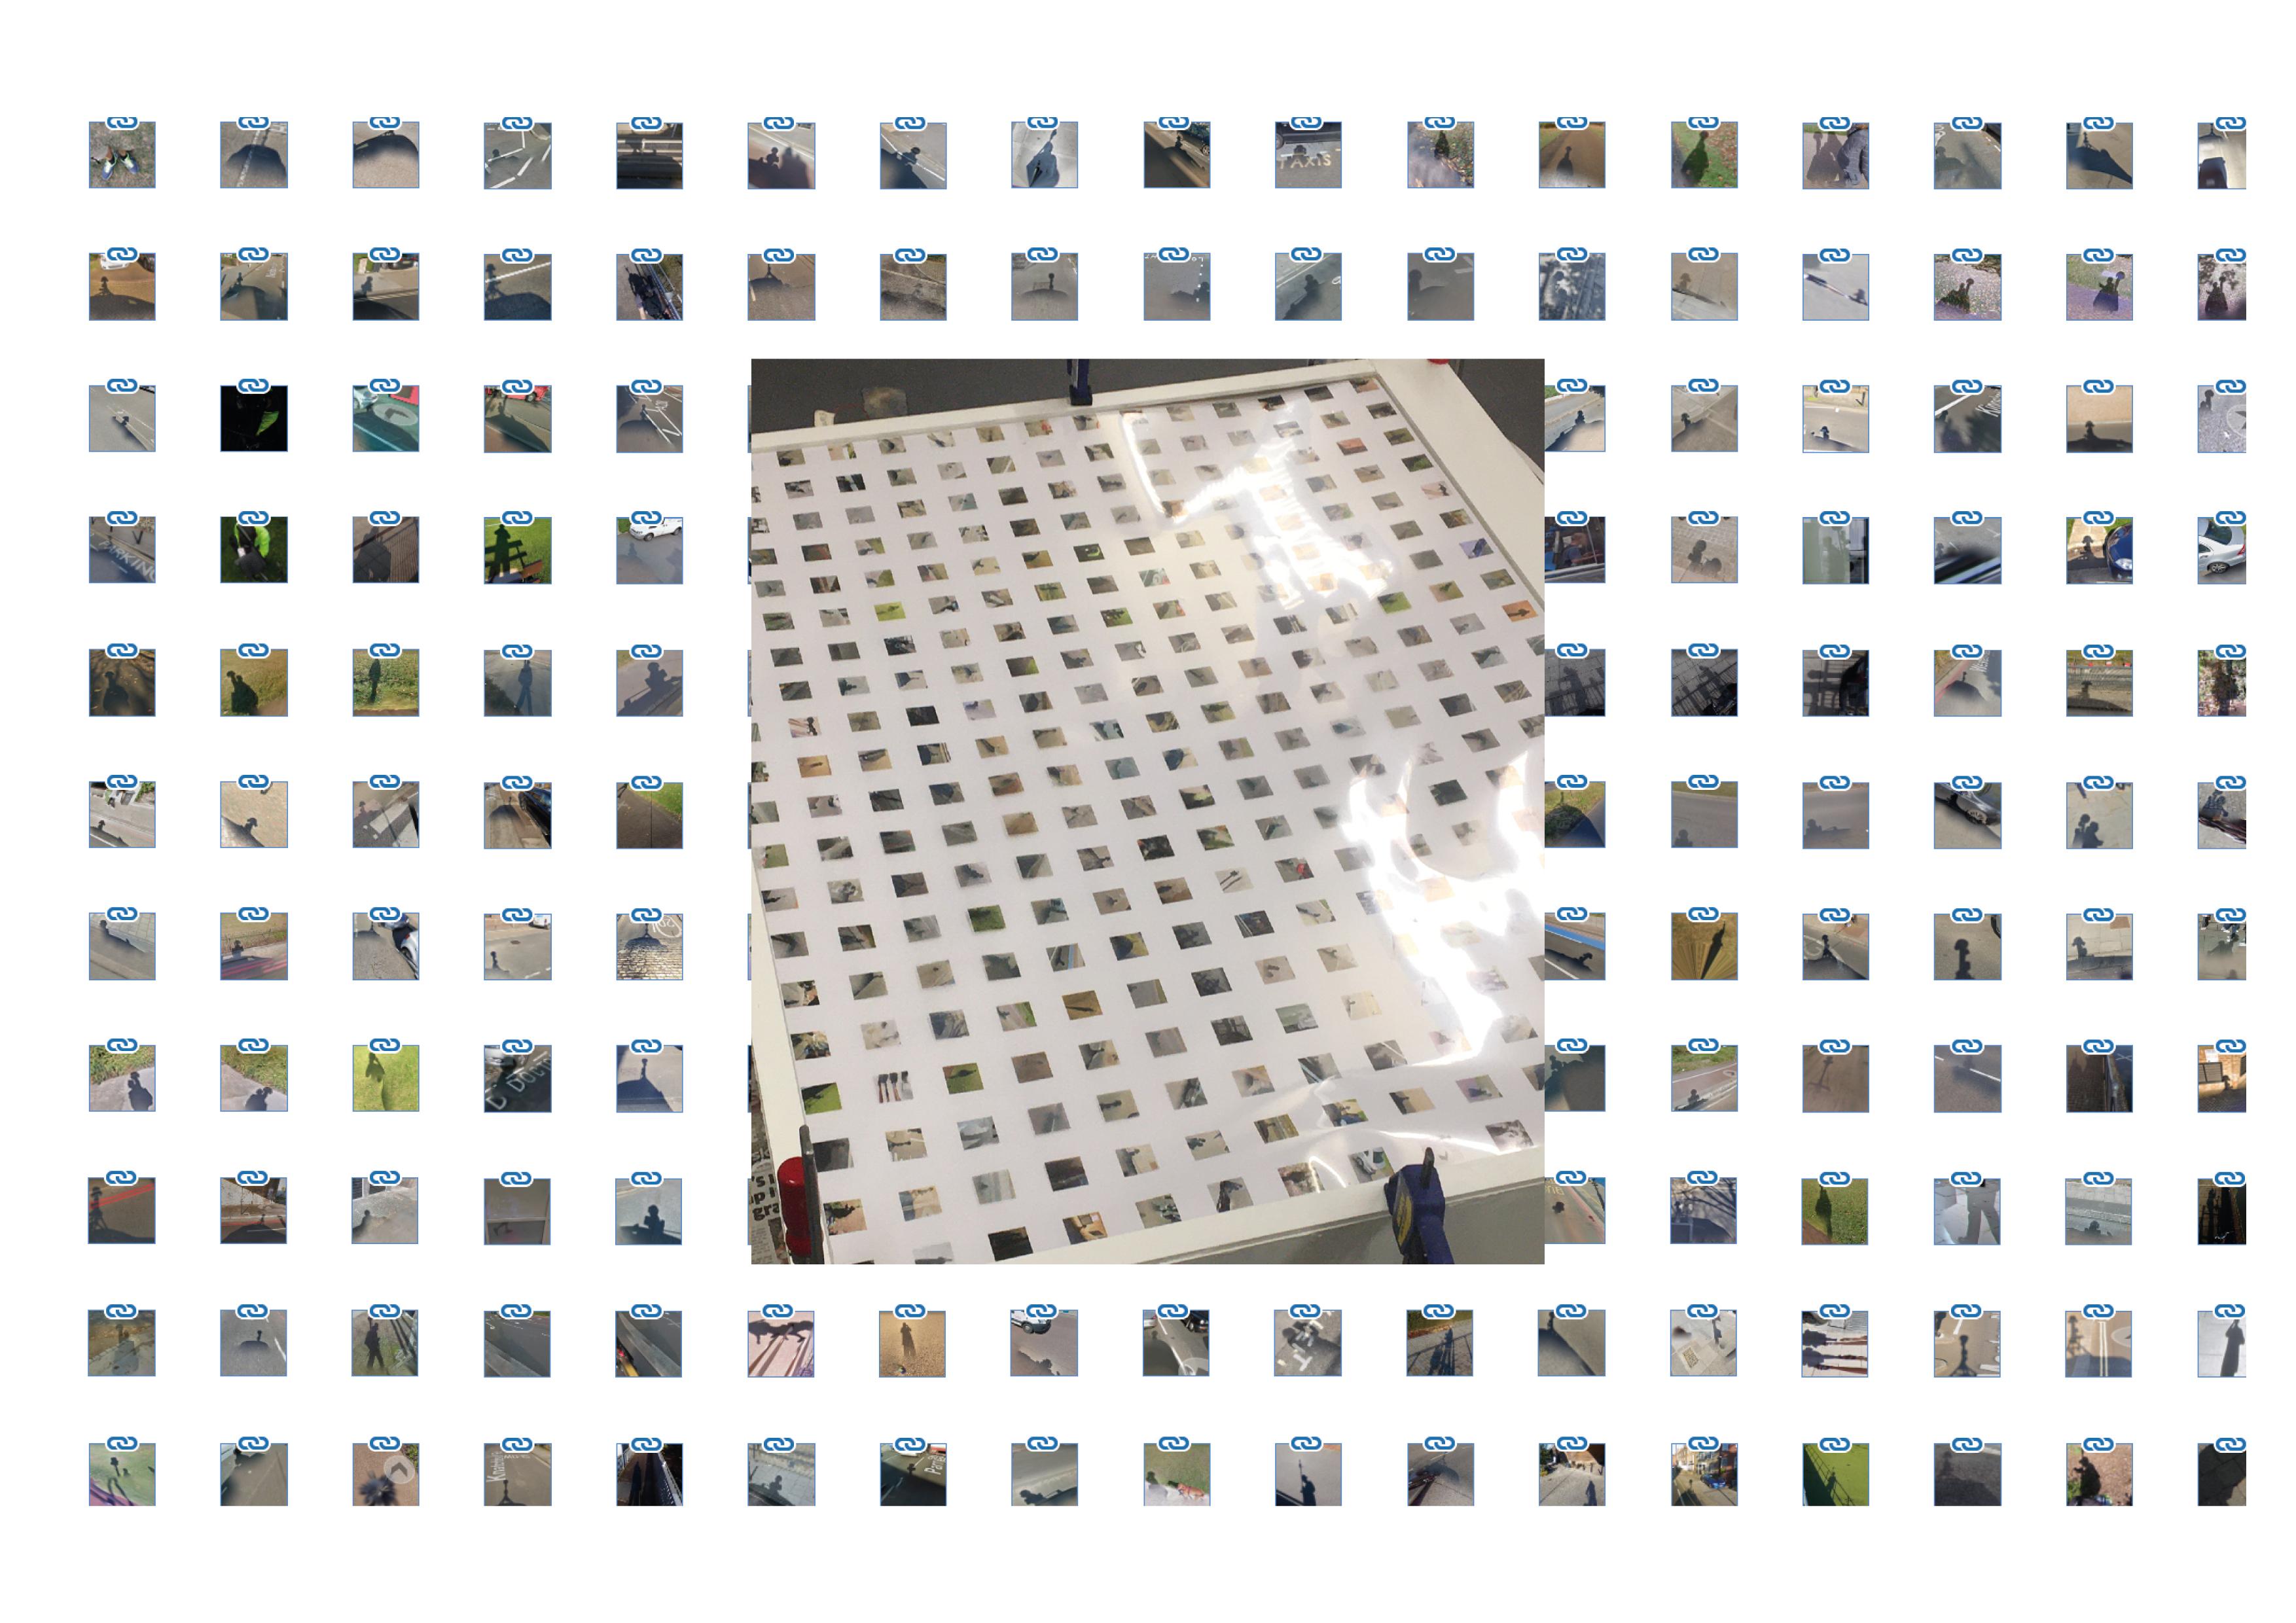 imagesgrid